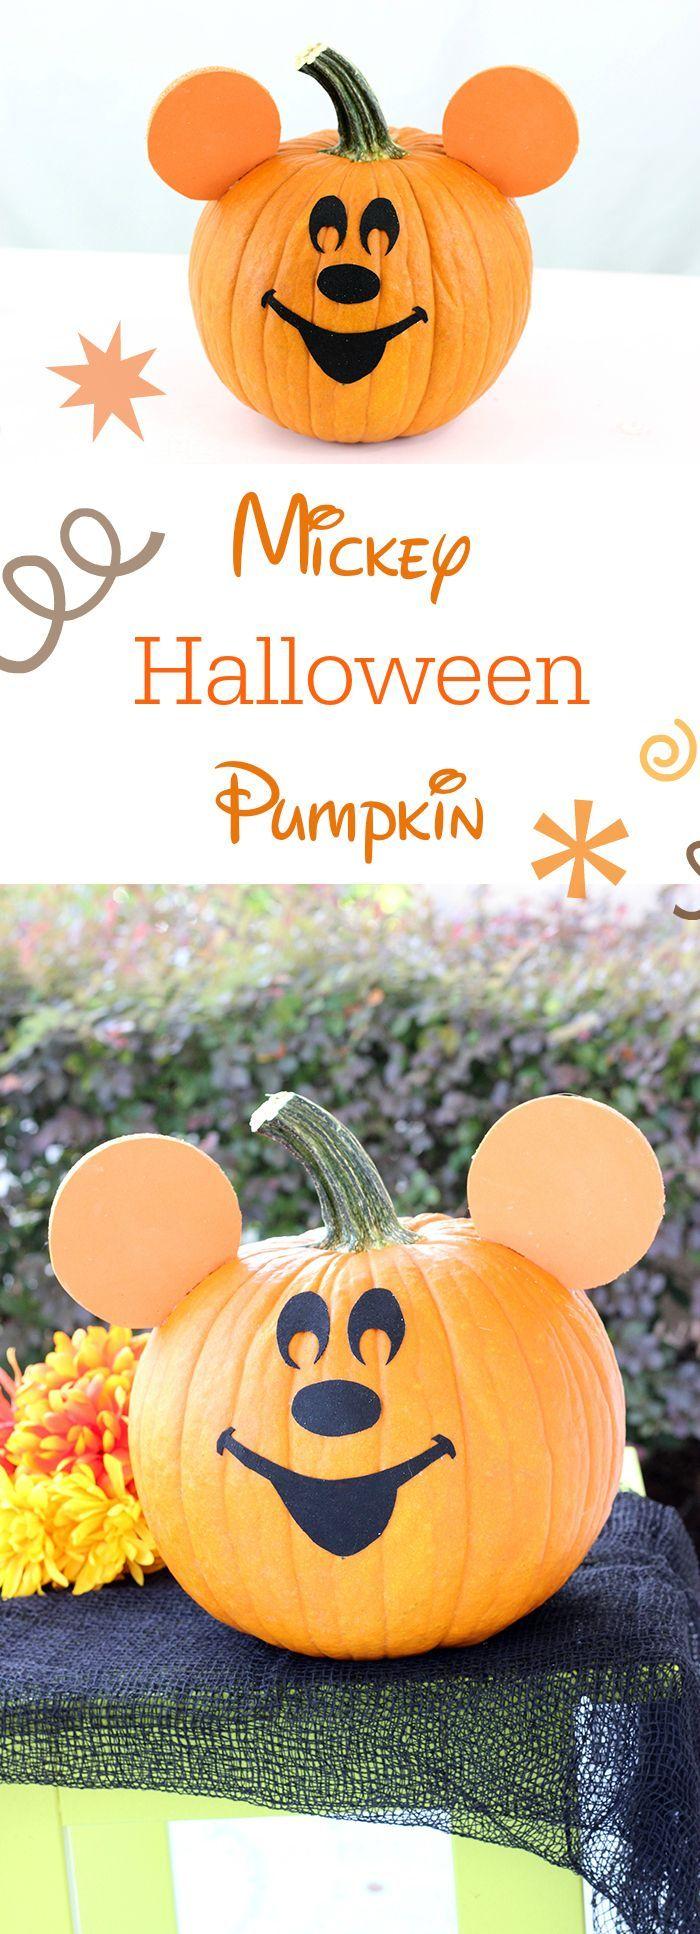 Best 25+ Easy pumpkin carving ideas on Pinterest | Pumpkin carving ...